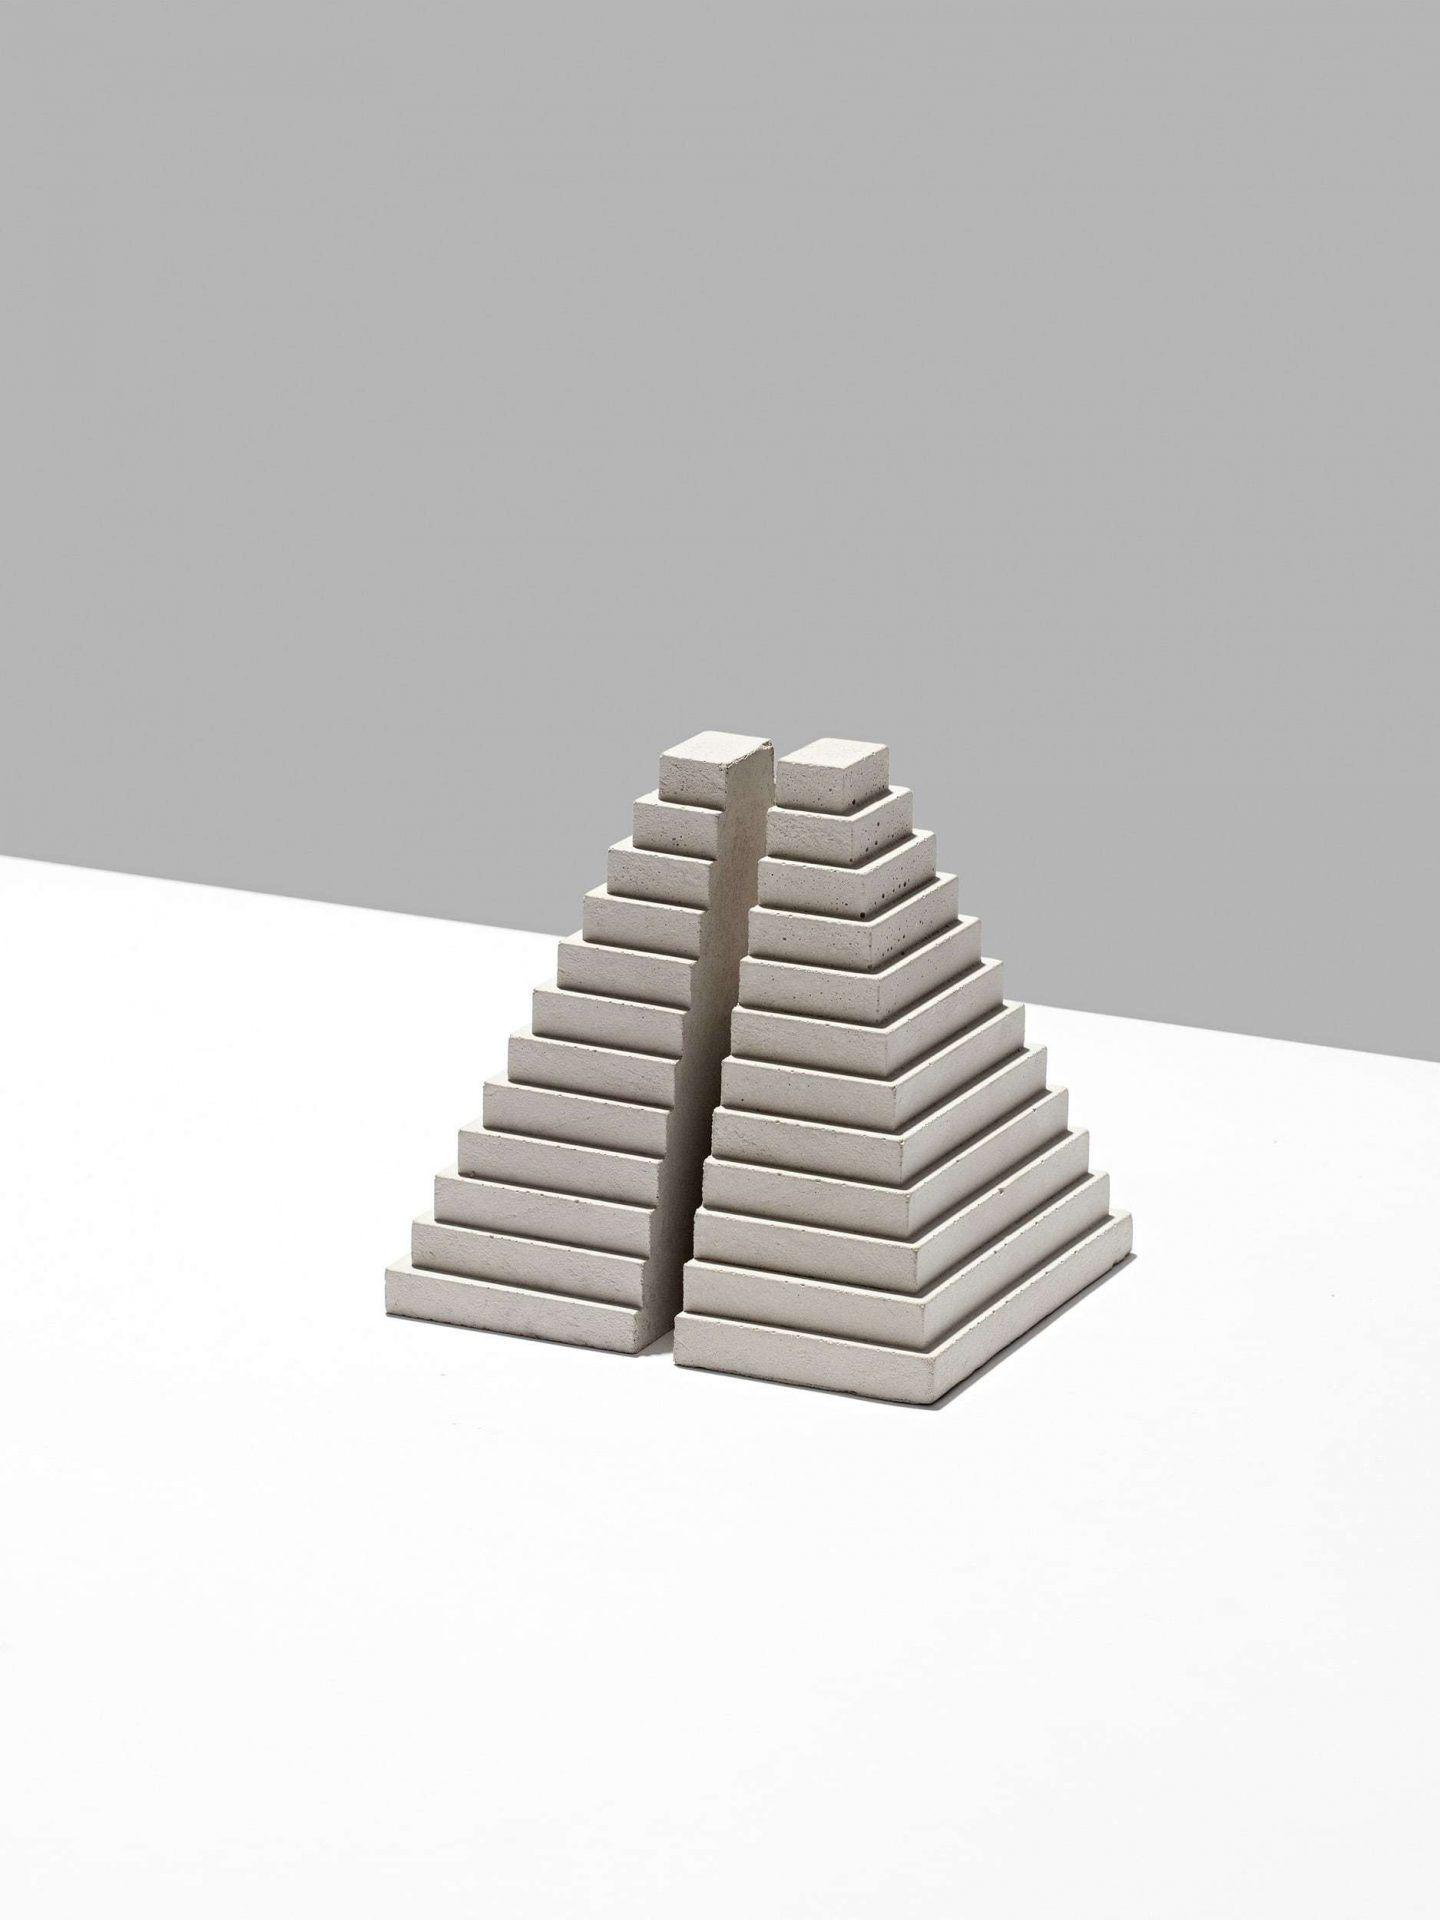 IGNANT-Design-Klemens-Schillinger-Landmarks-001